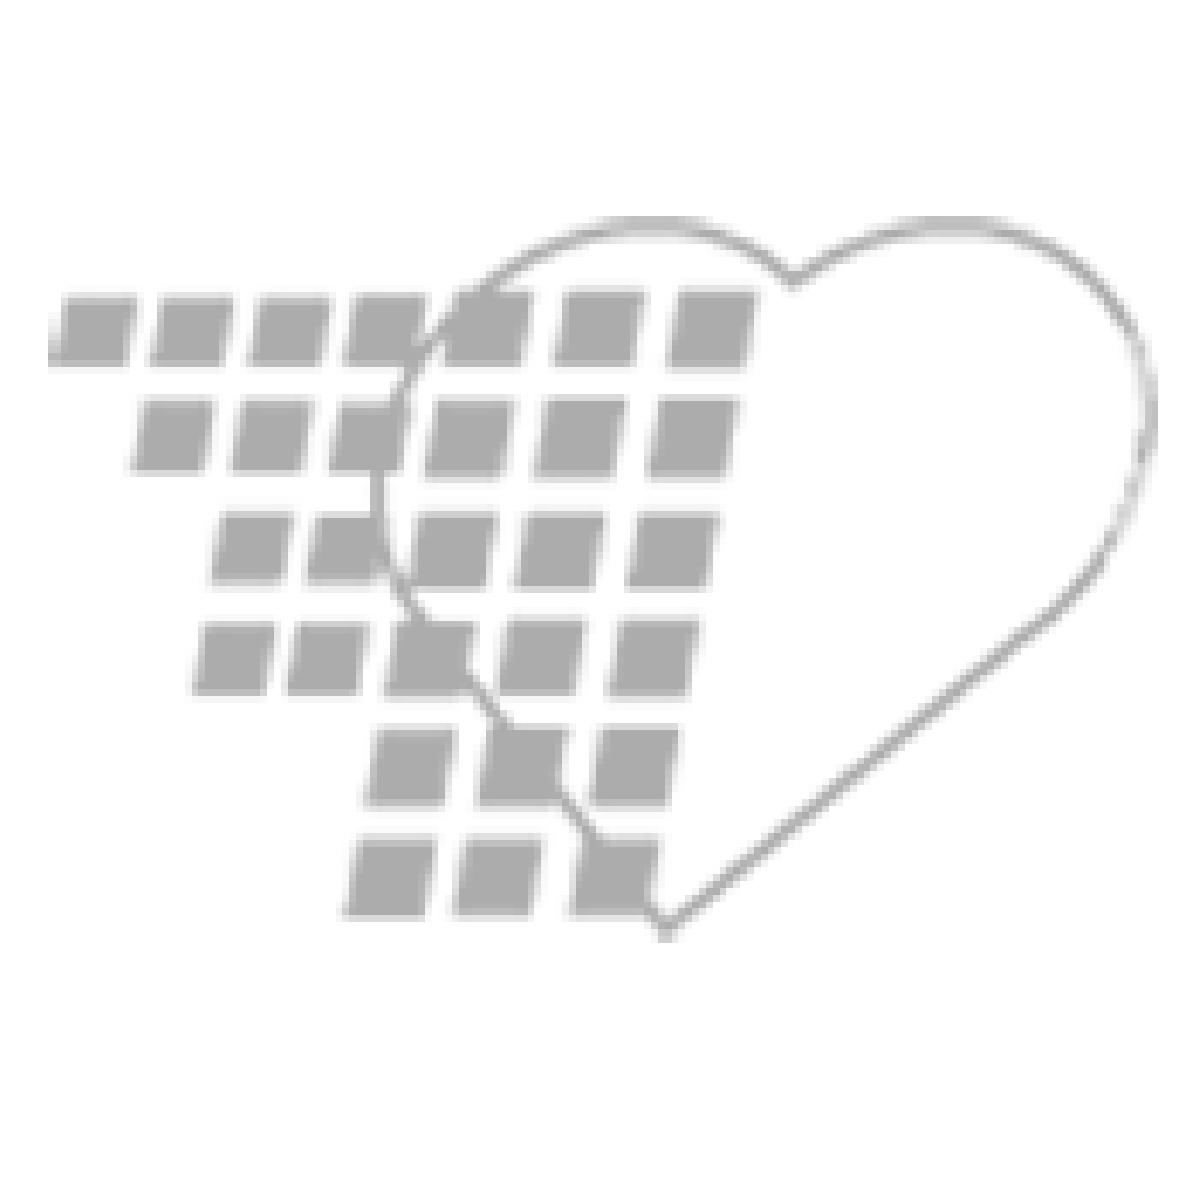 02-24-6400 Welch Allyn Connex® Vital Signs Monitor